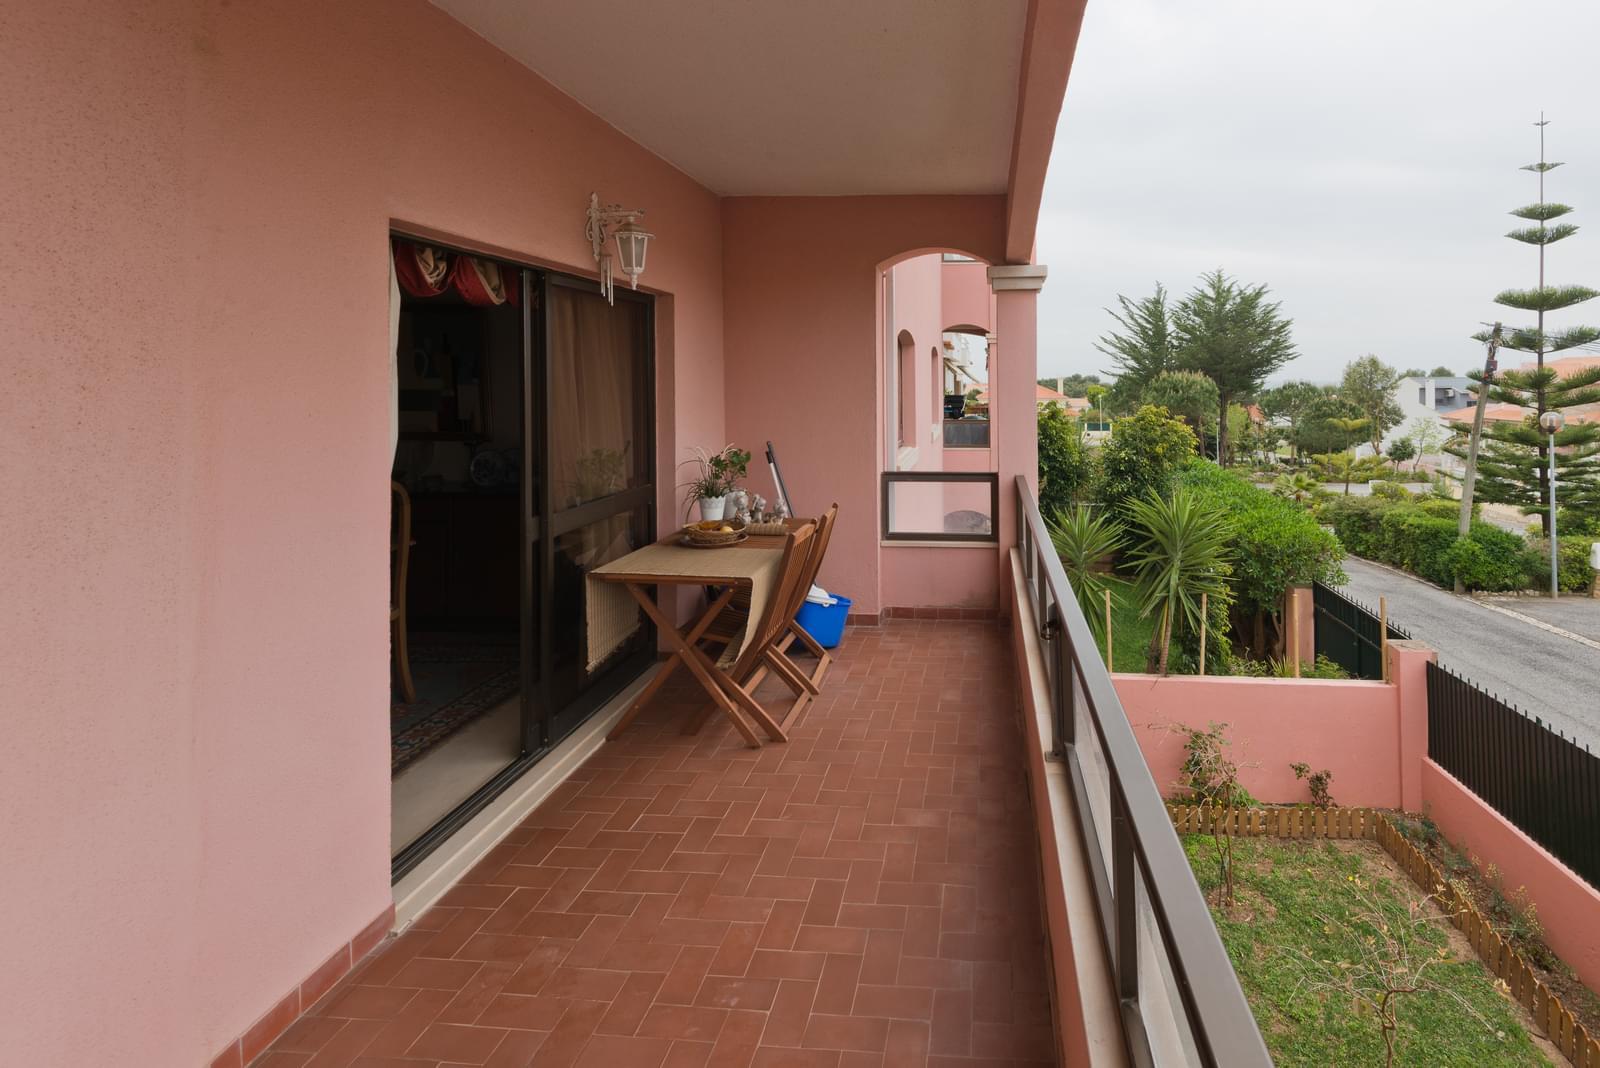 pf16968-apartamento-t3-cascais-2895b209-6e38-4950-af5e-7273995cbd4f